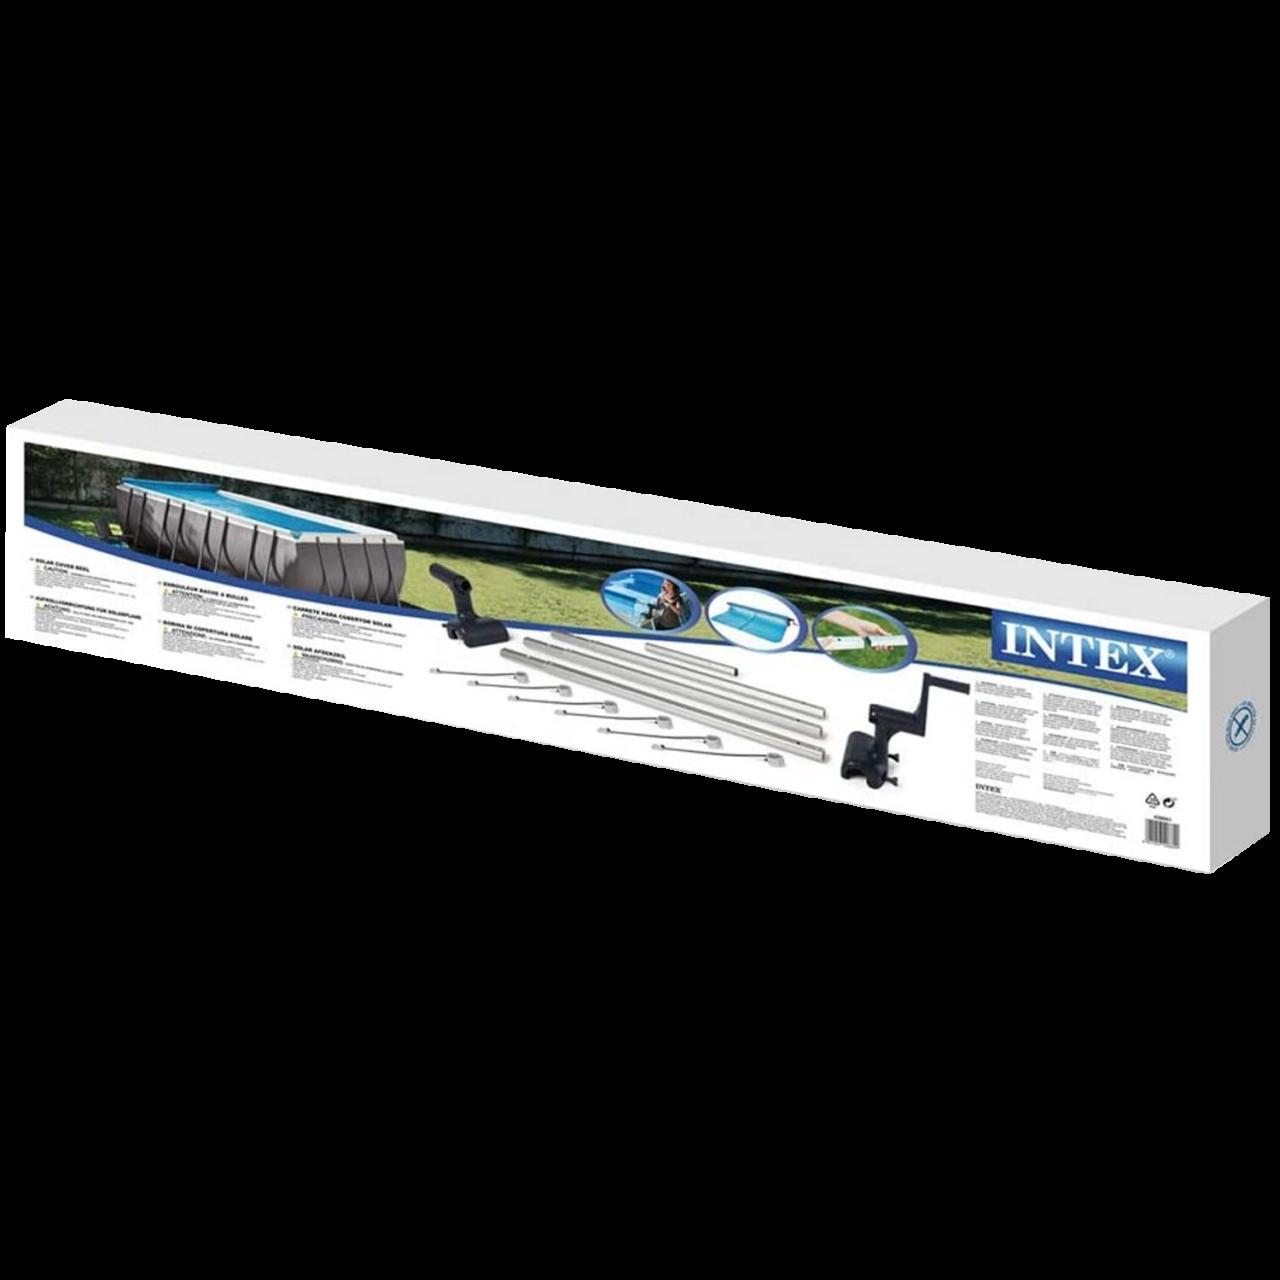 Intex Aufrollvorrichtung für Solarplane Solarheizung Wärmeplane Pool 28051